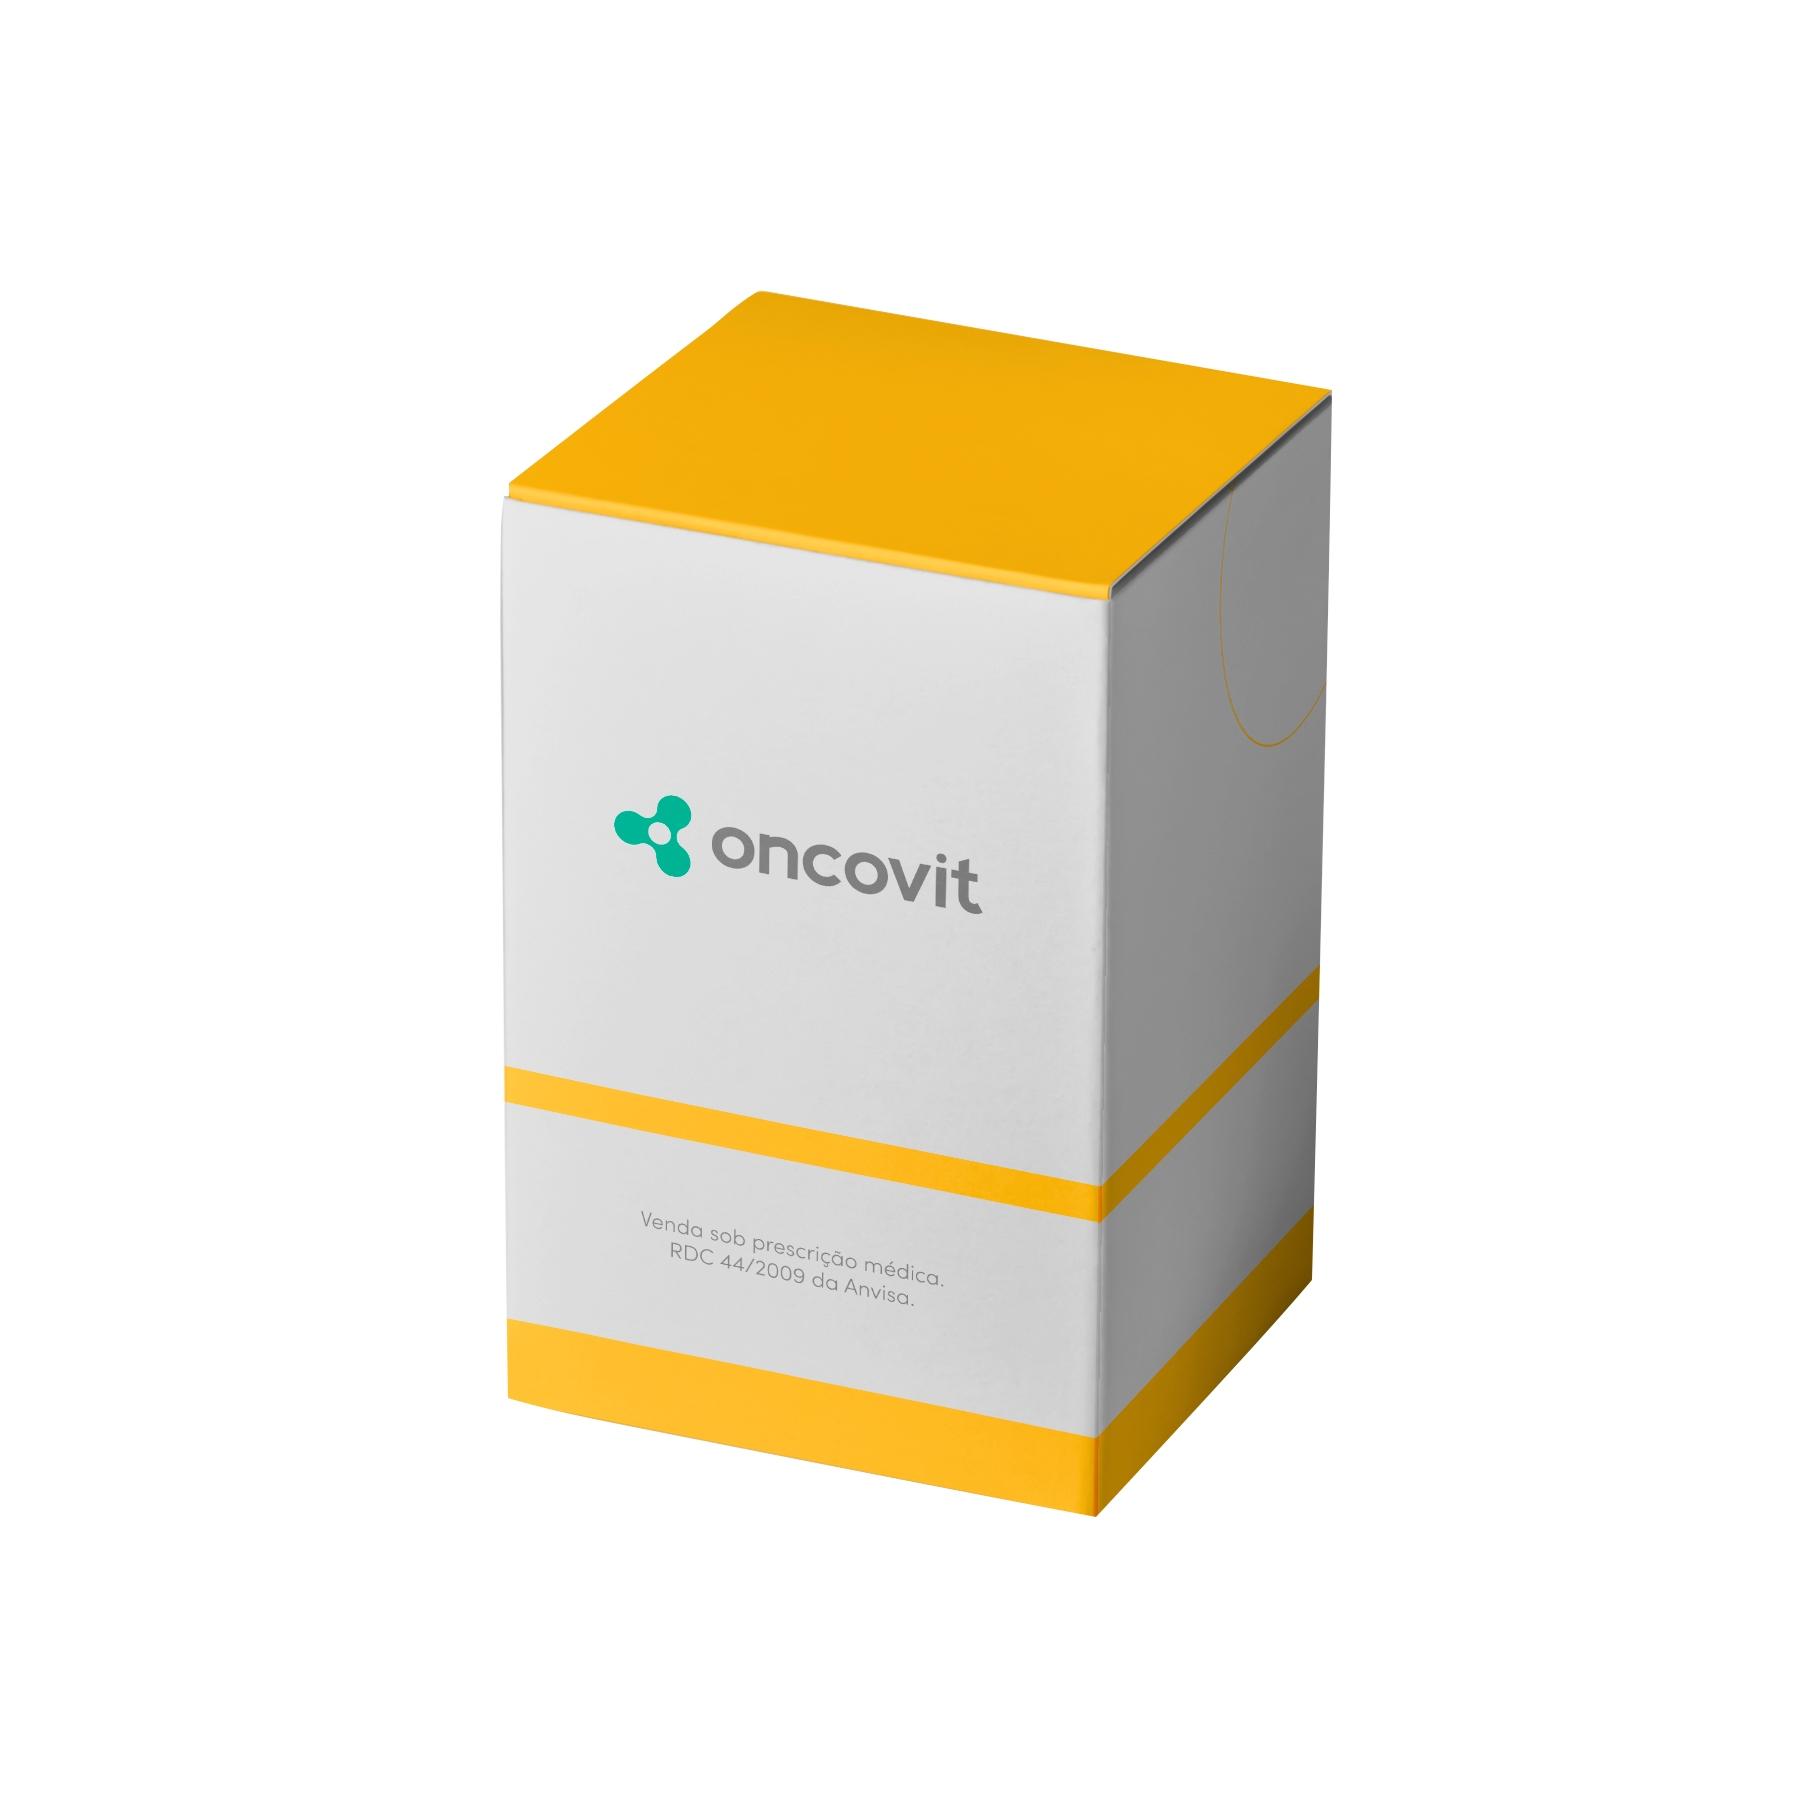 Voriconazol 200mg caixa com 14 comprimidos revestidos